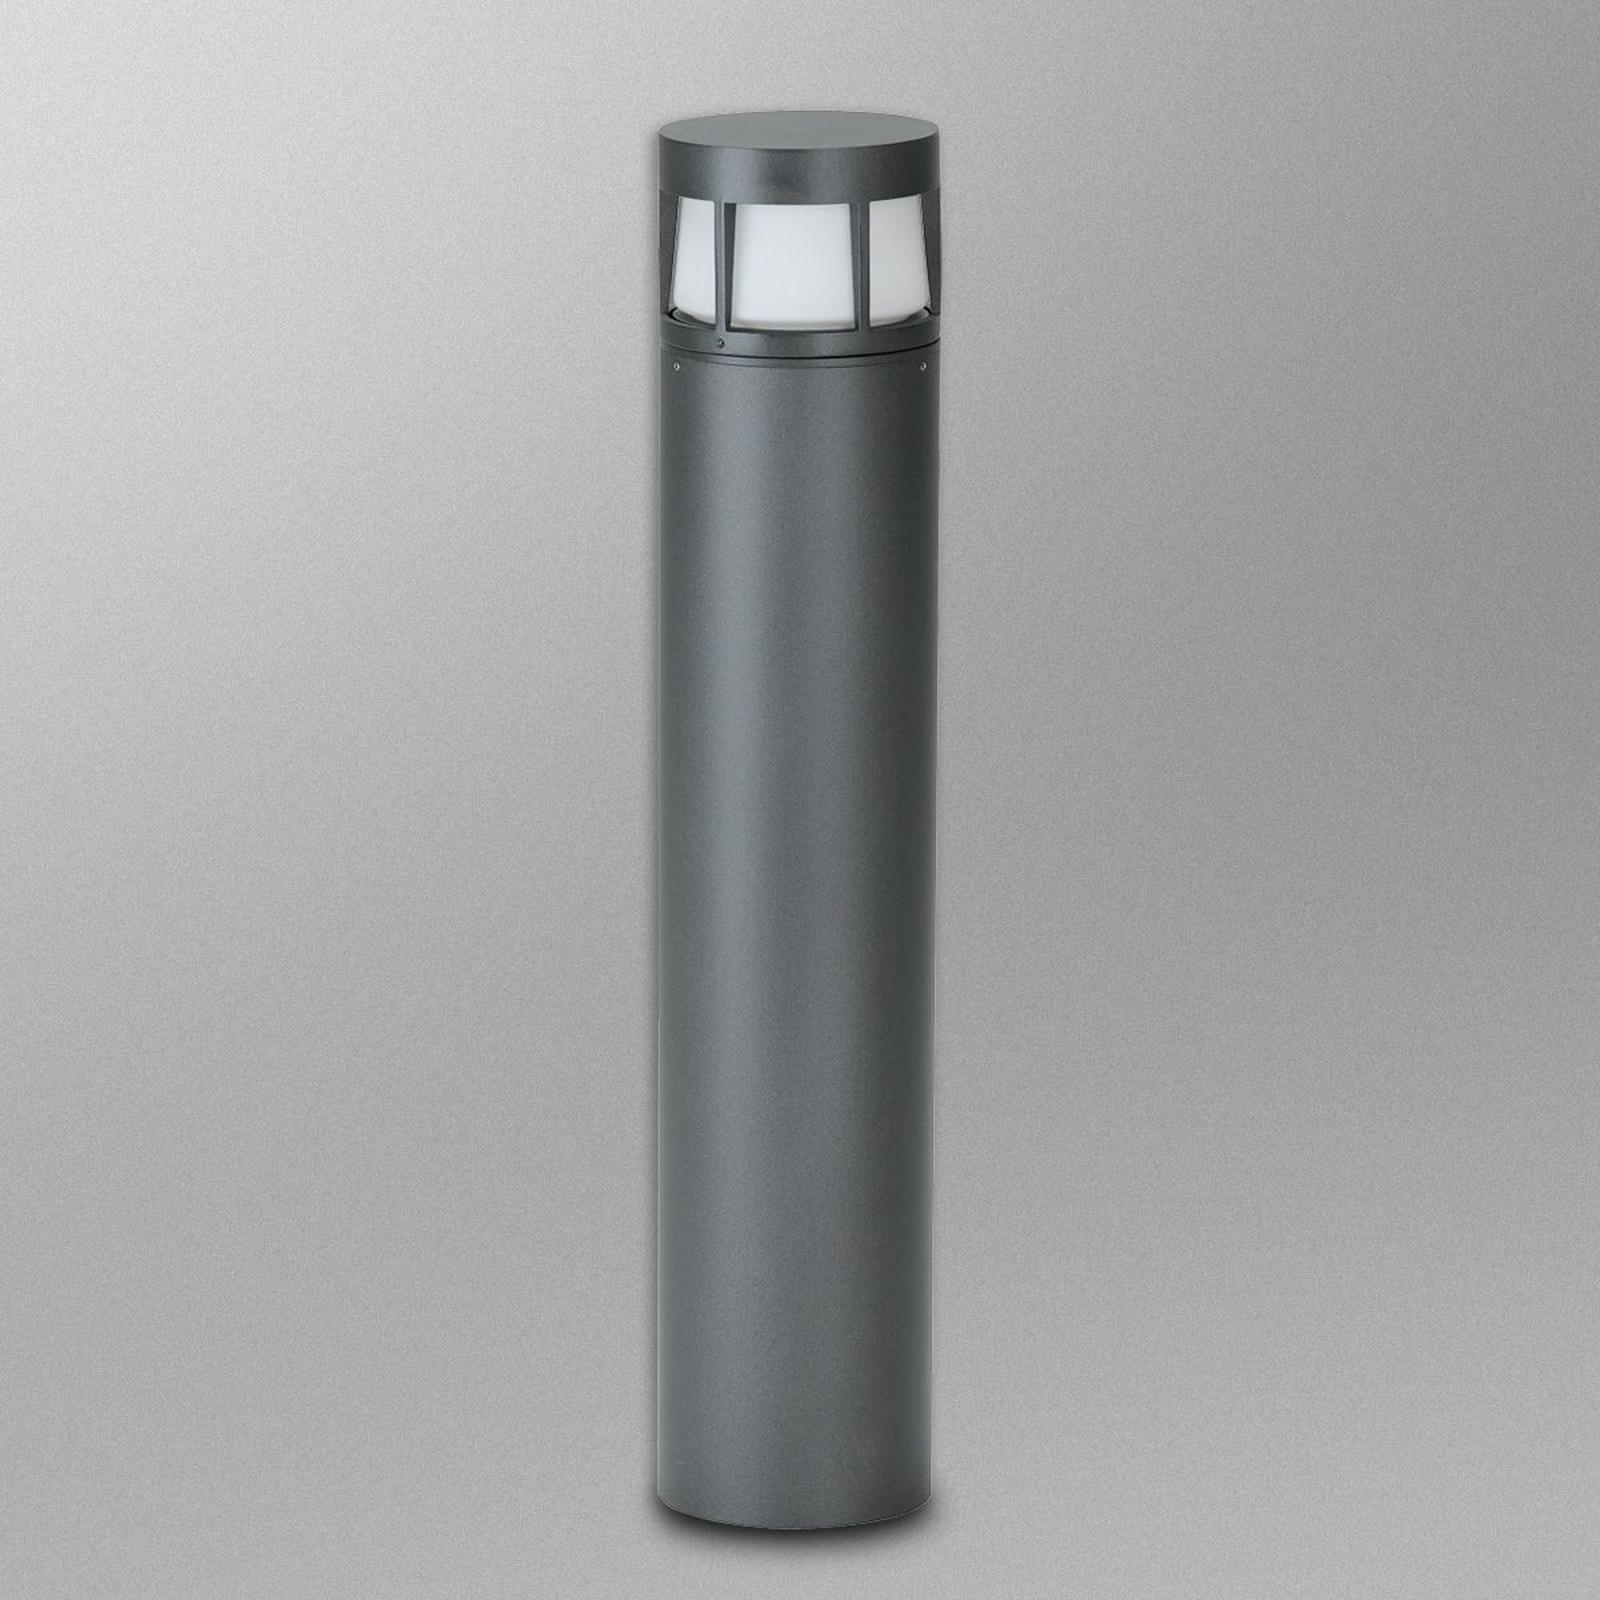 Versátil bolardo luminoso LED Fadri